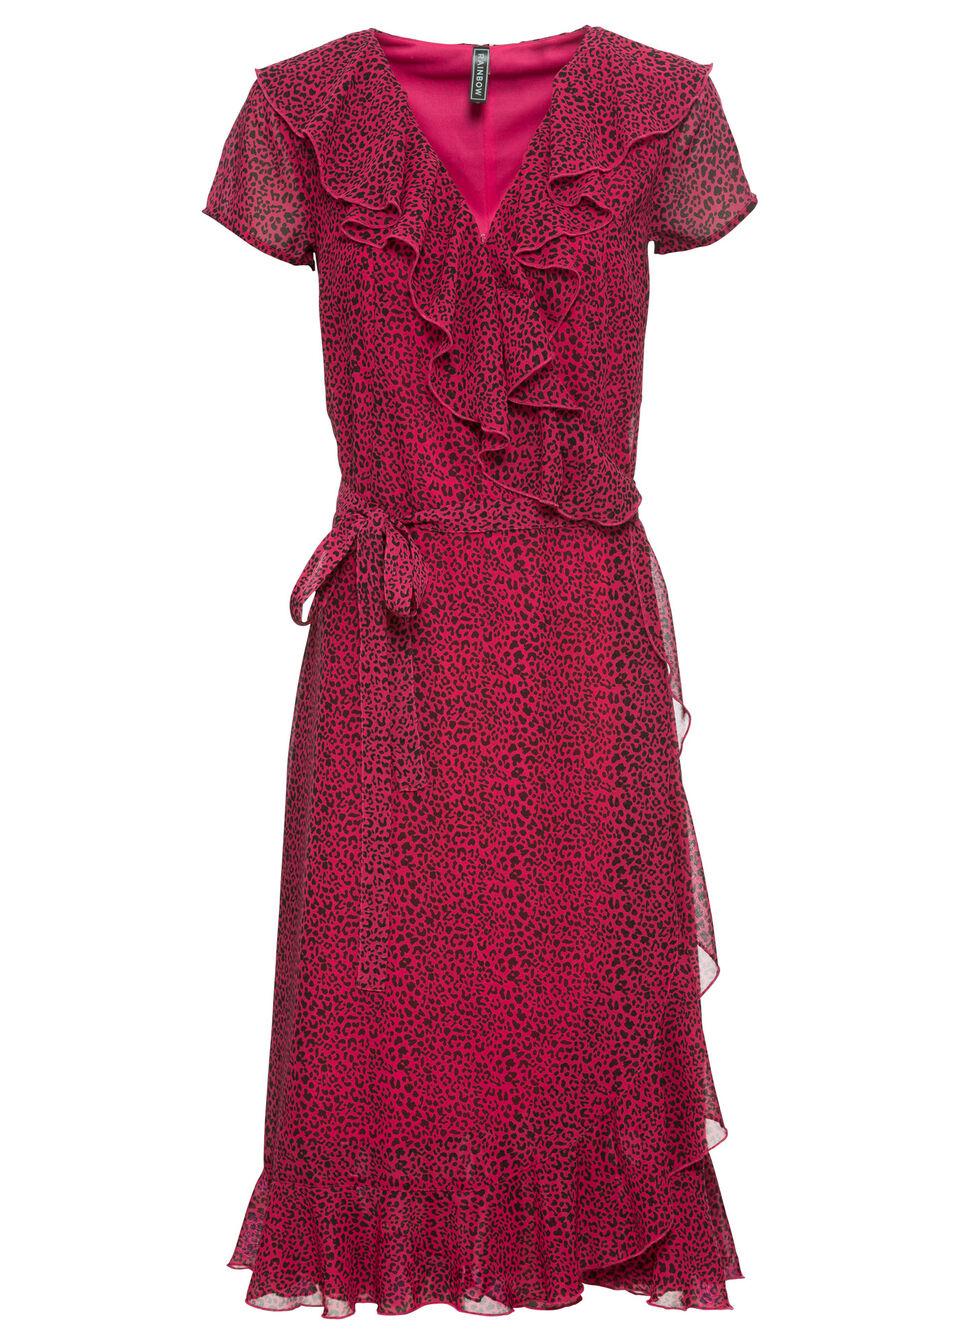 sukienki, odzież - kolekcja wiosenna sukienka kopertowa bonprix czerwony wiśniowy w cętki leoparda - bonprix